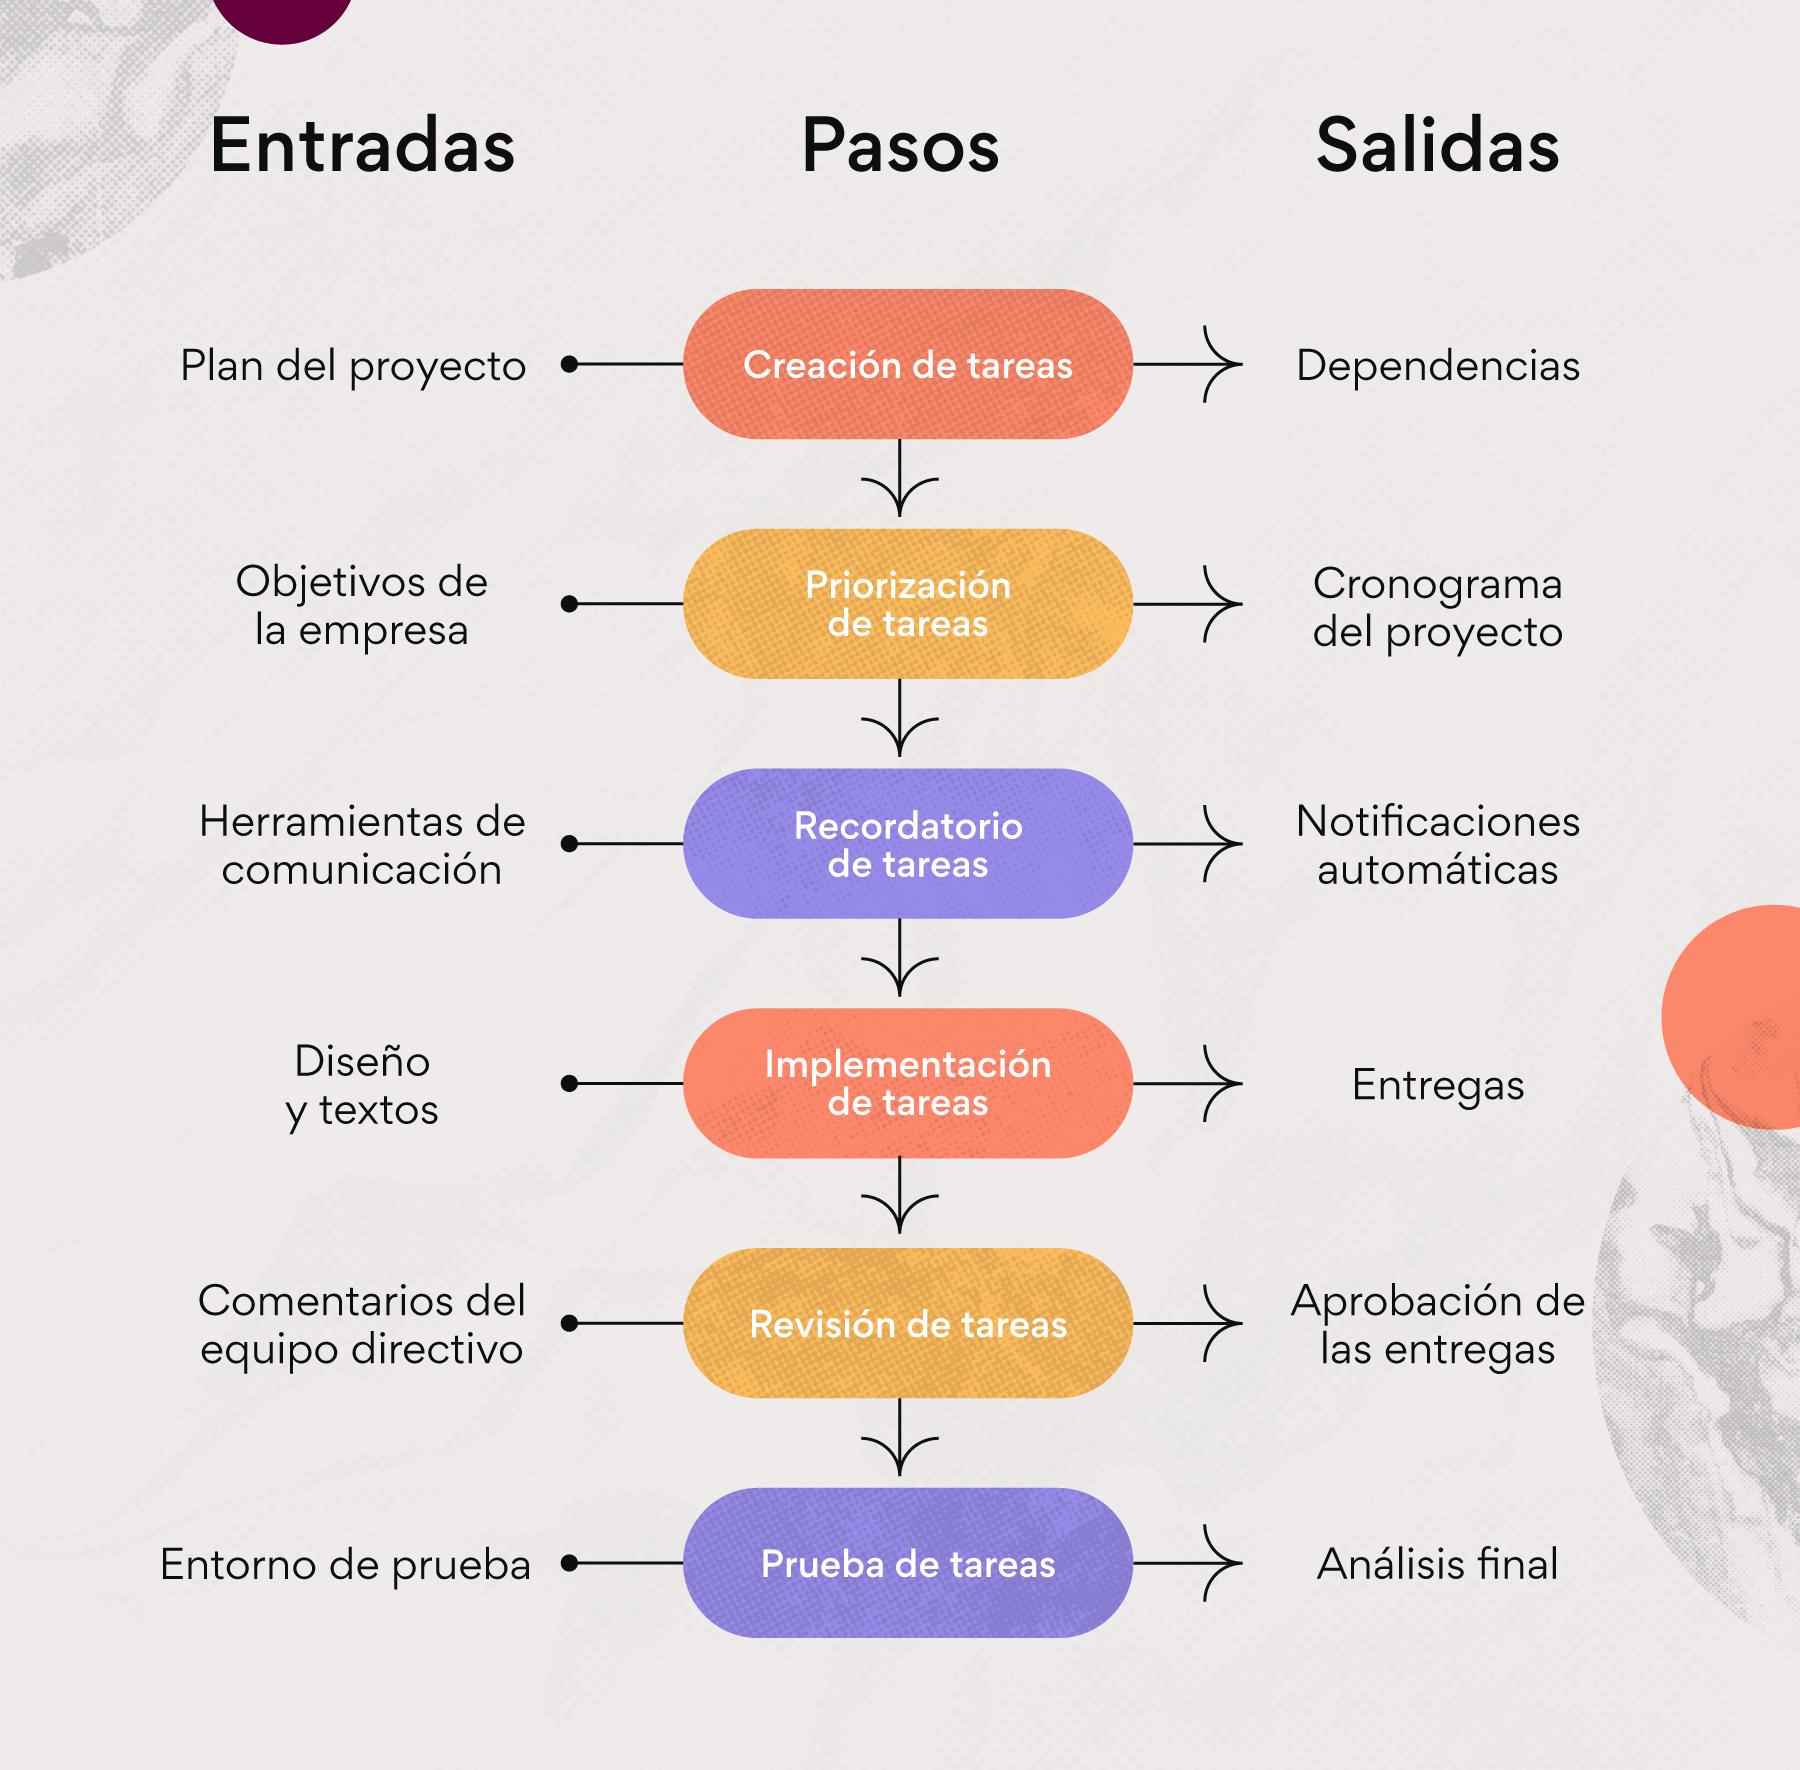 Cómo crear un diagrama de flujo de procesos